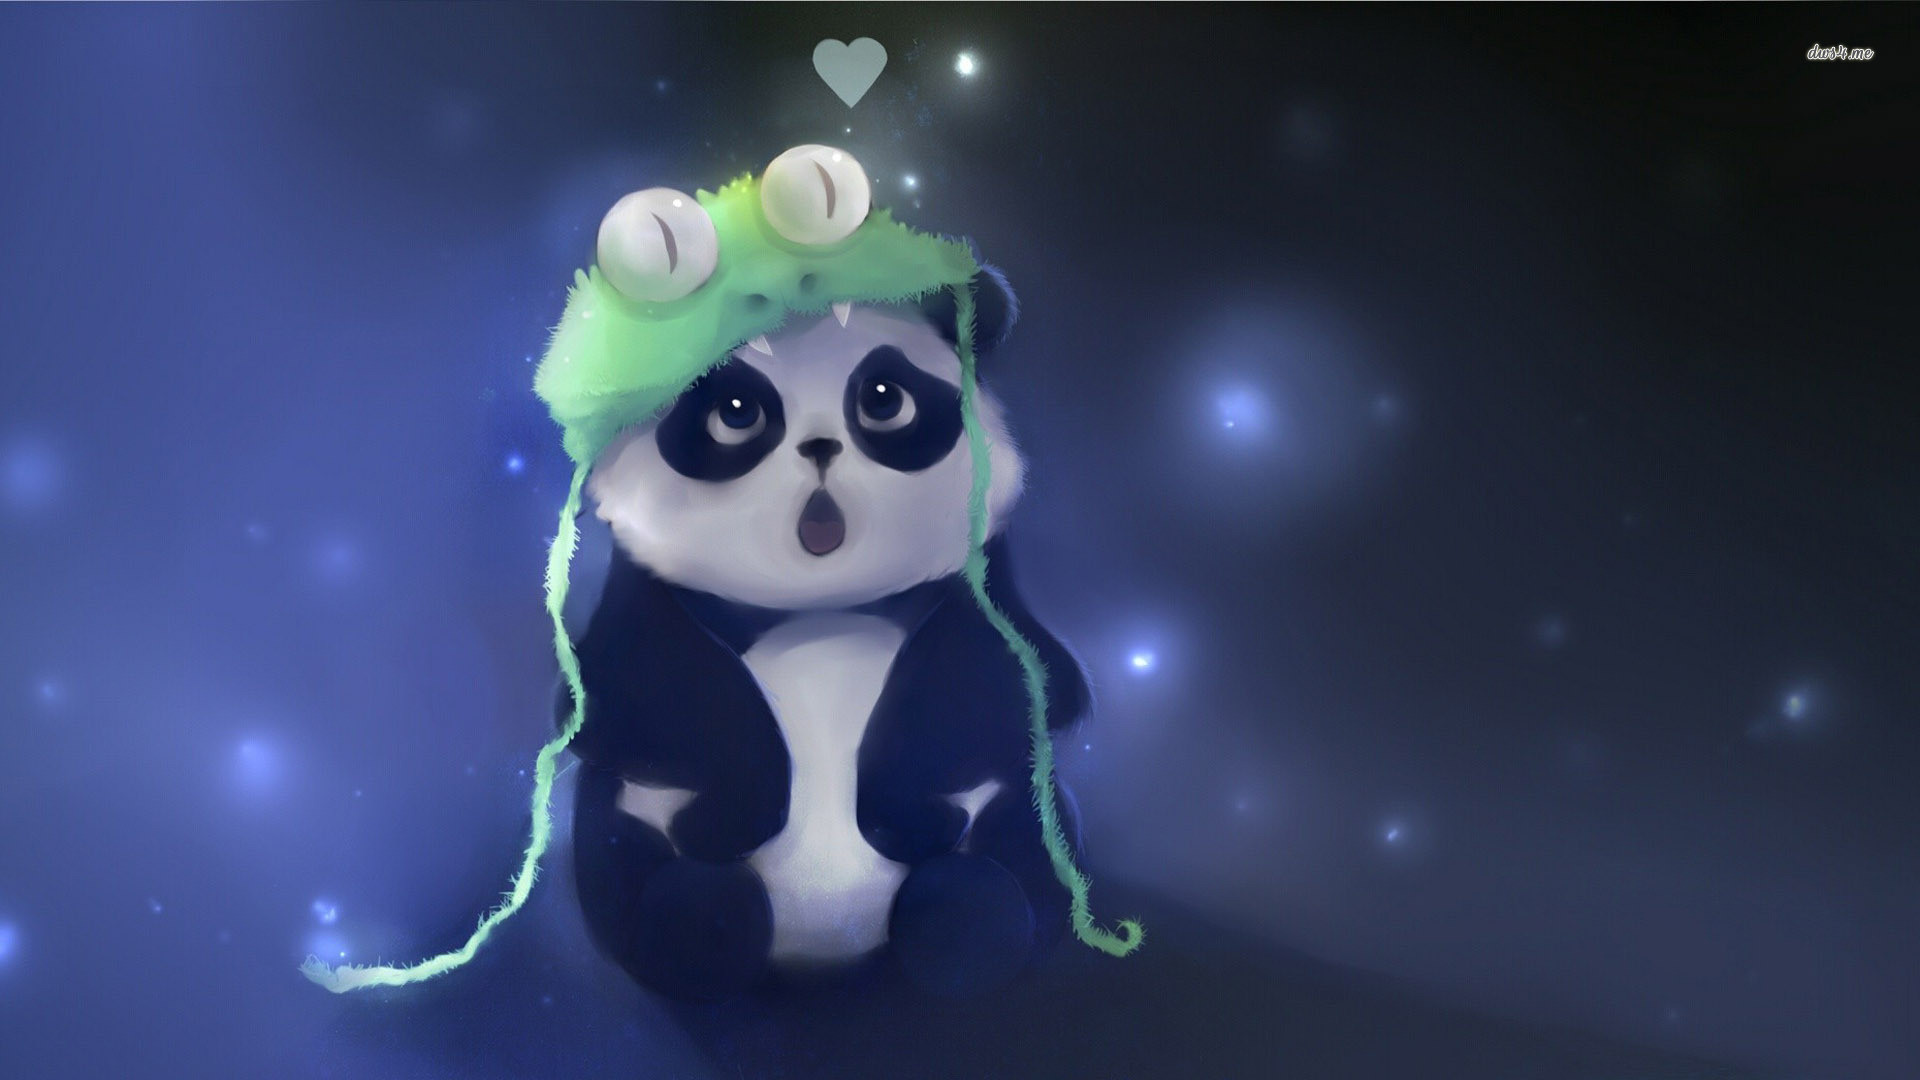 Cute Panda fond ecran hd